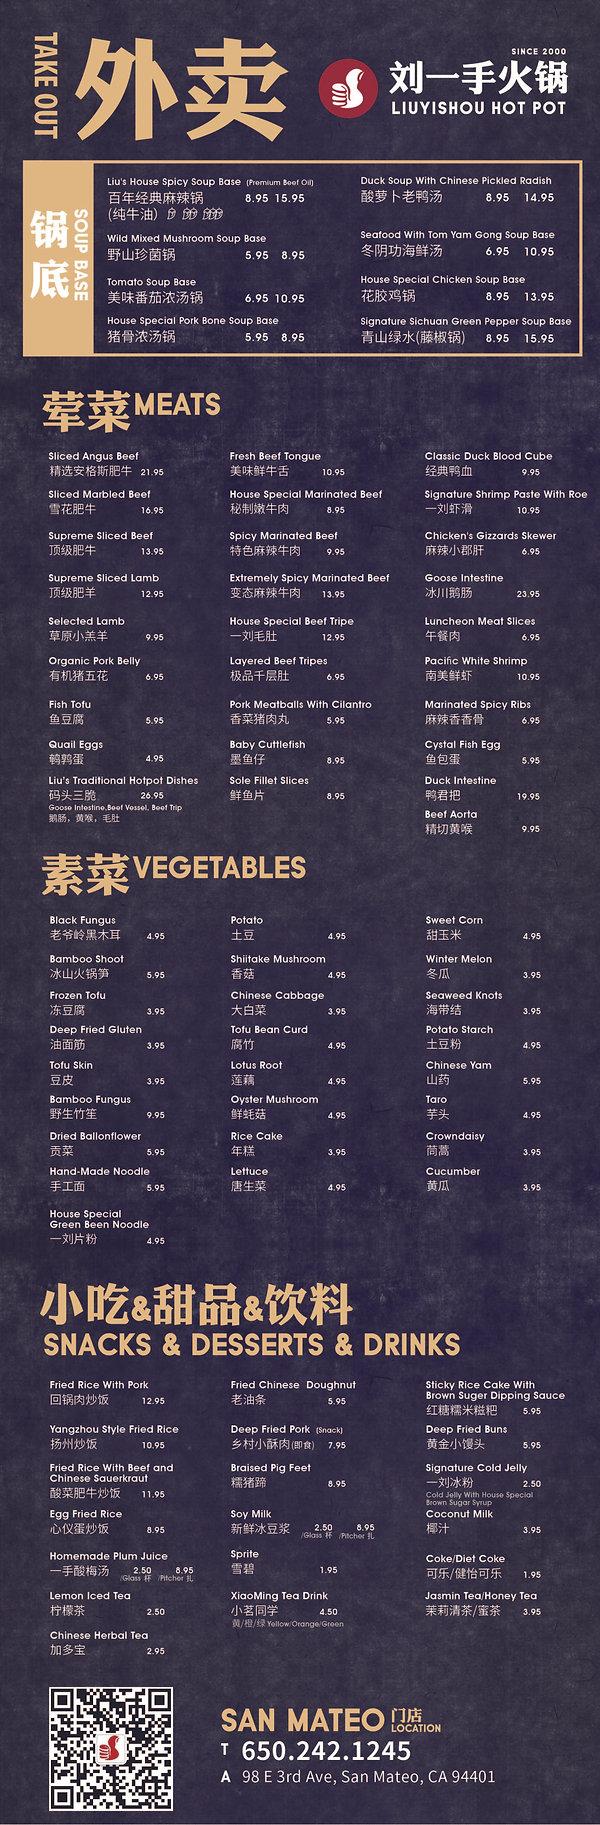 刘一手-SanFrancisco-外卖菜单-Mar.17-2020_画板 1.j